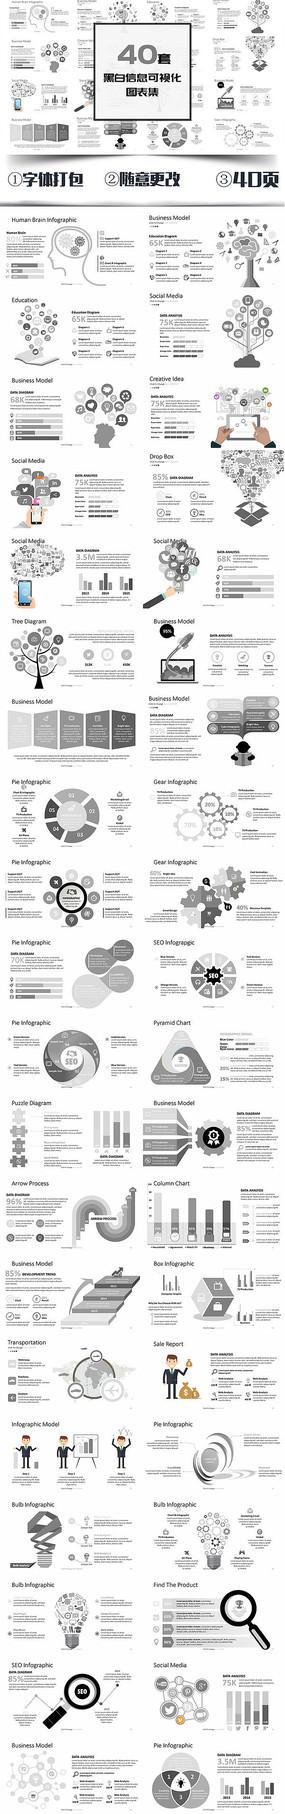 黑白信息可视化图表PPT